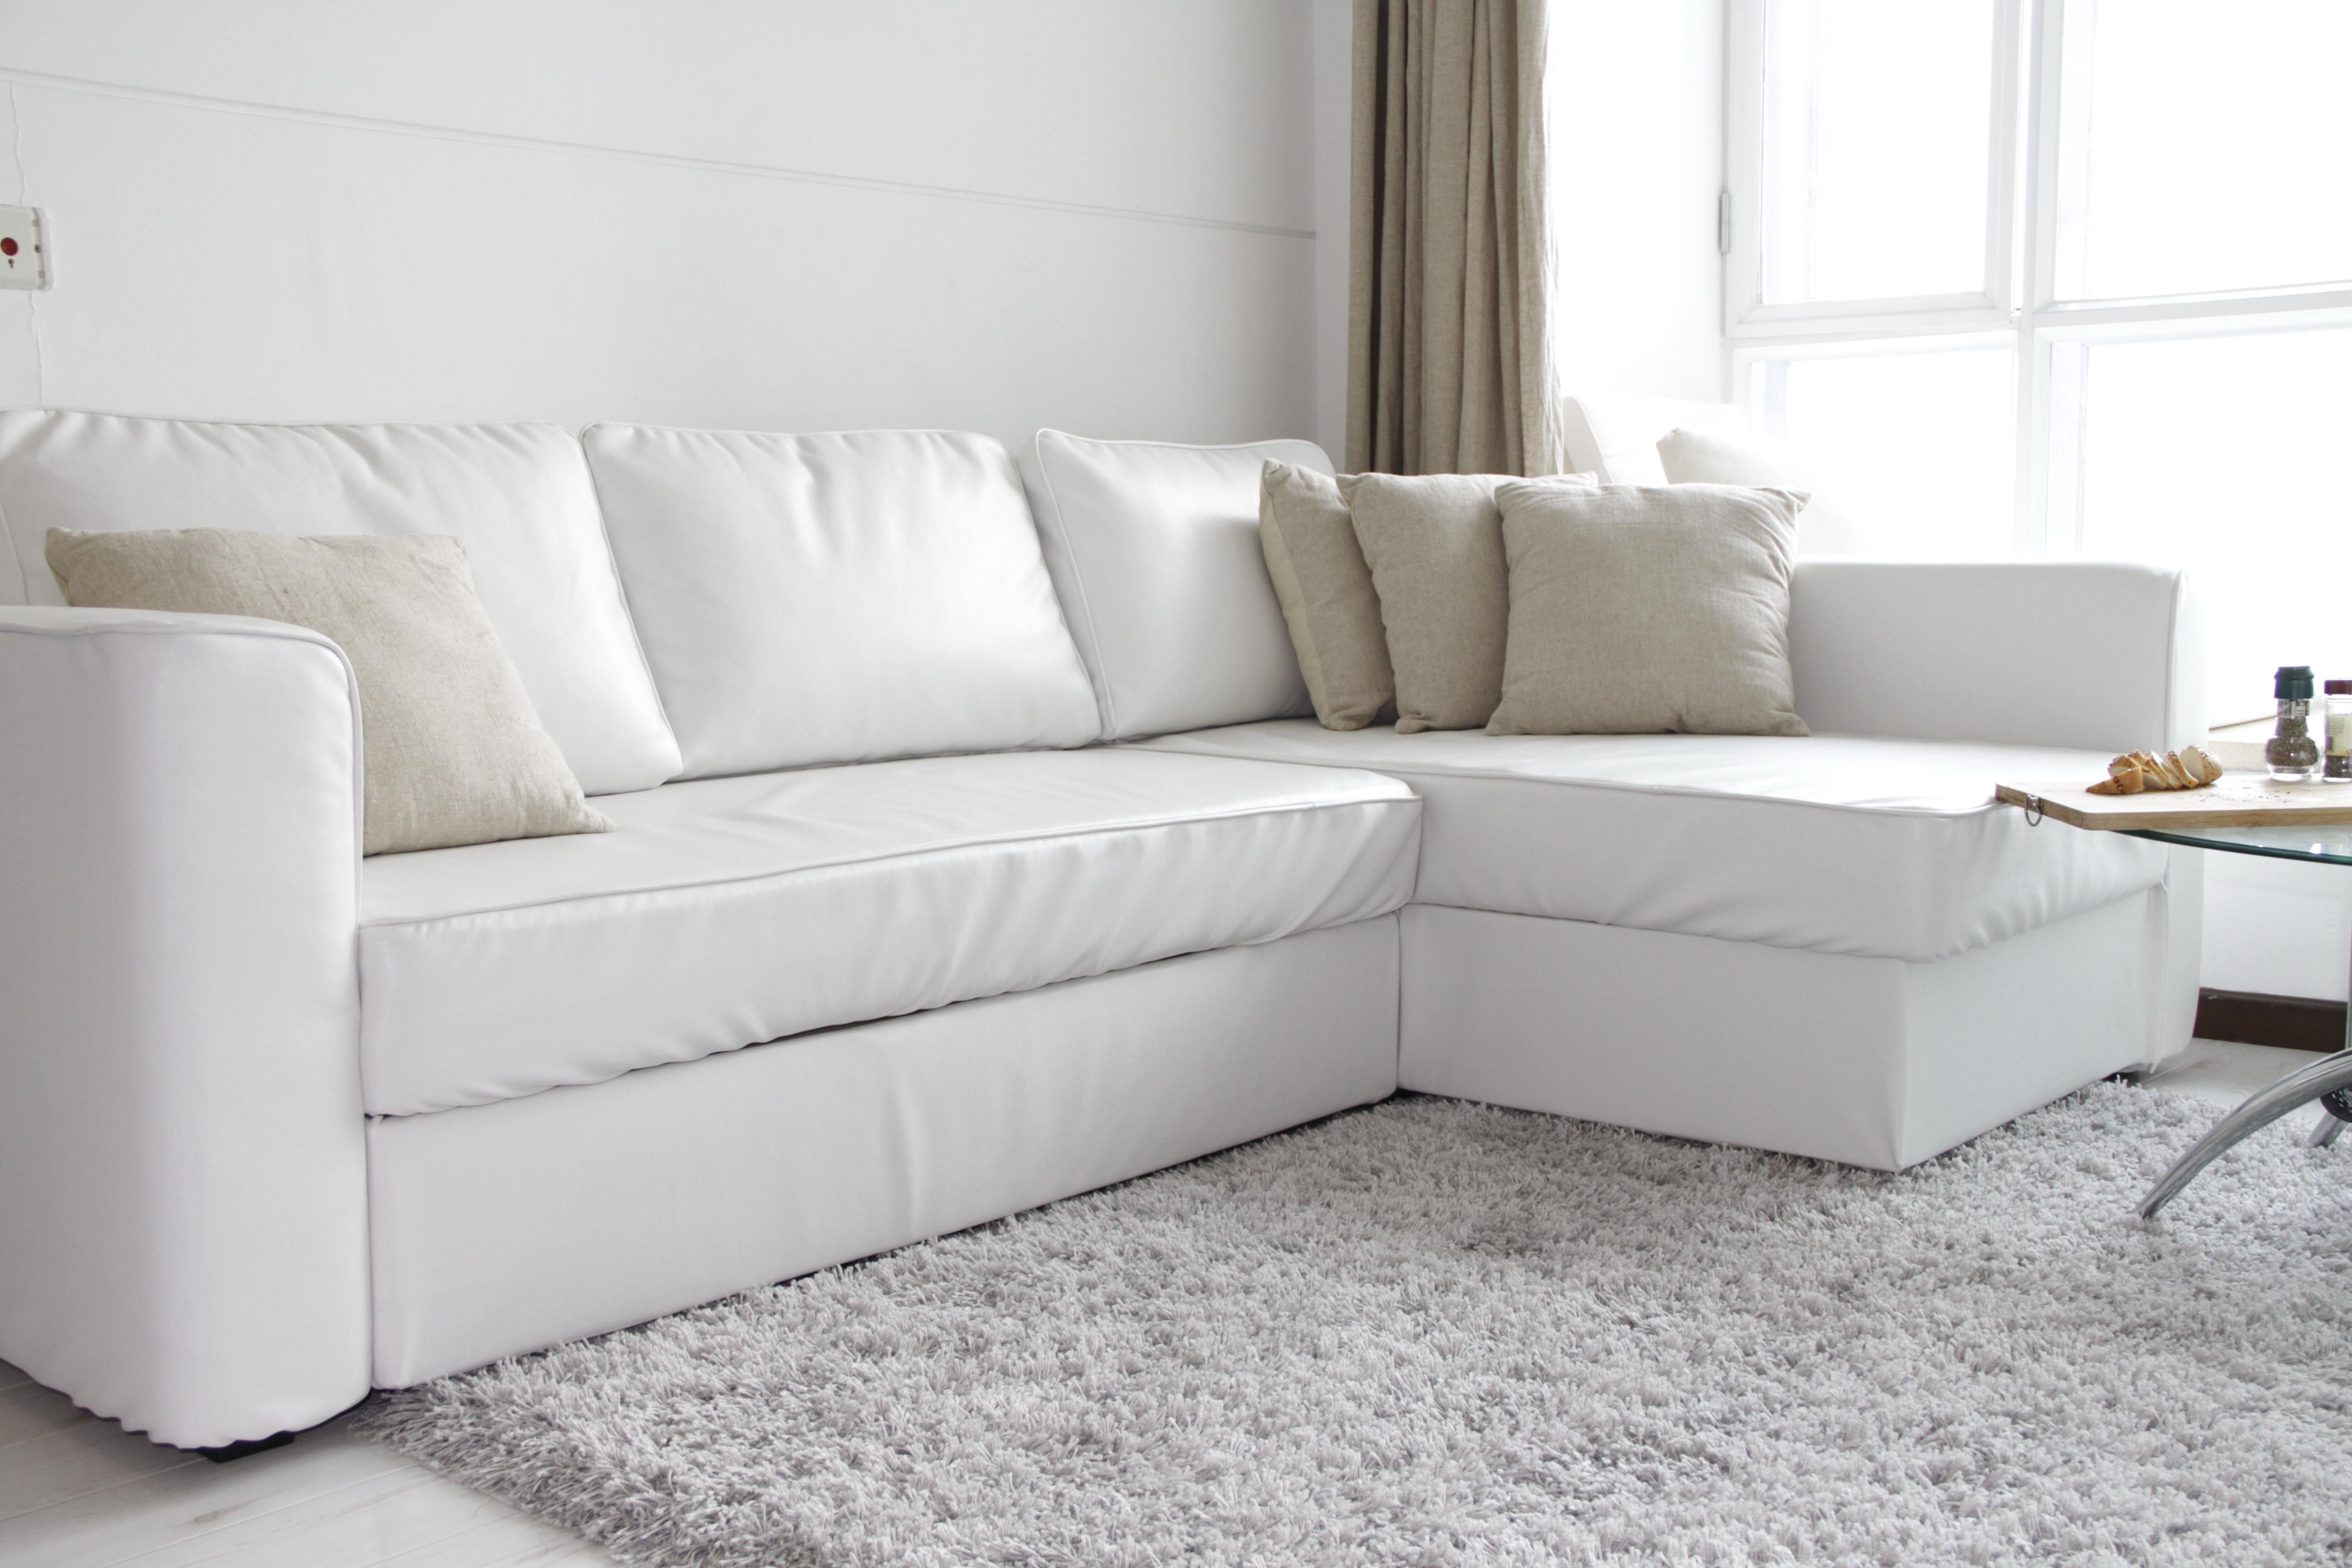 Ikea Sofa  11 Ways your IKEA Sofa can look a Million Bucks